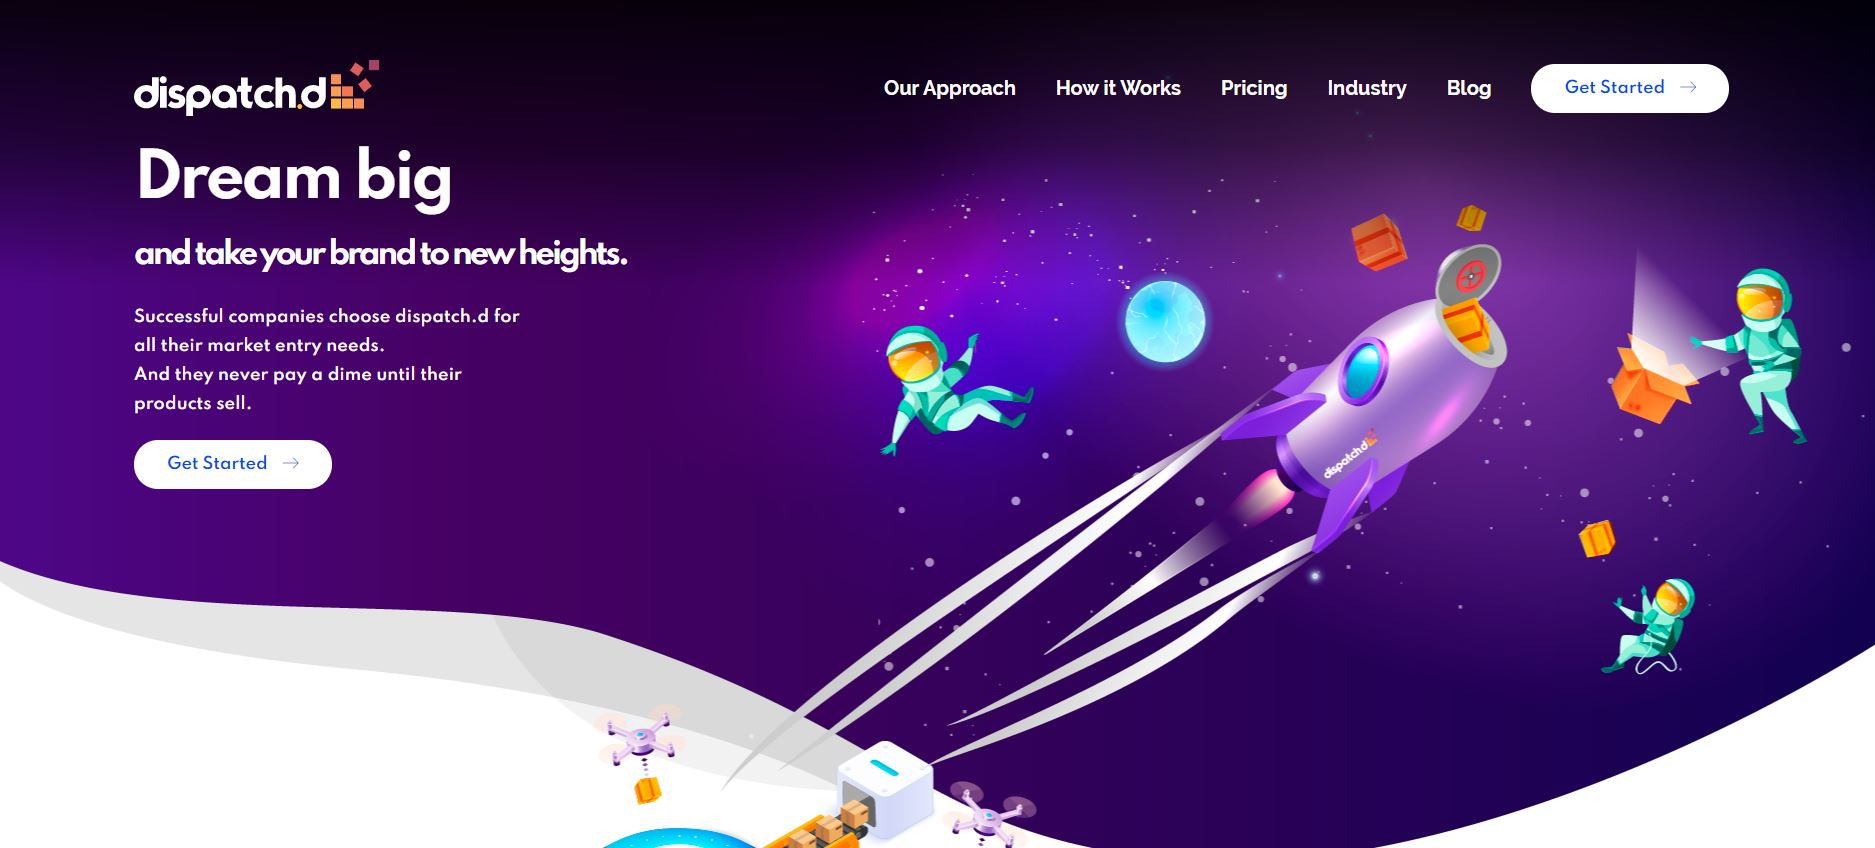 Dispatch.d Offers Unique US Market Entry Services for European Impact Brands